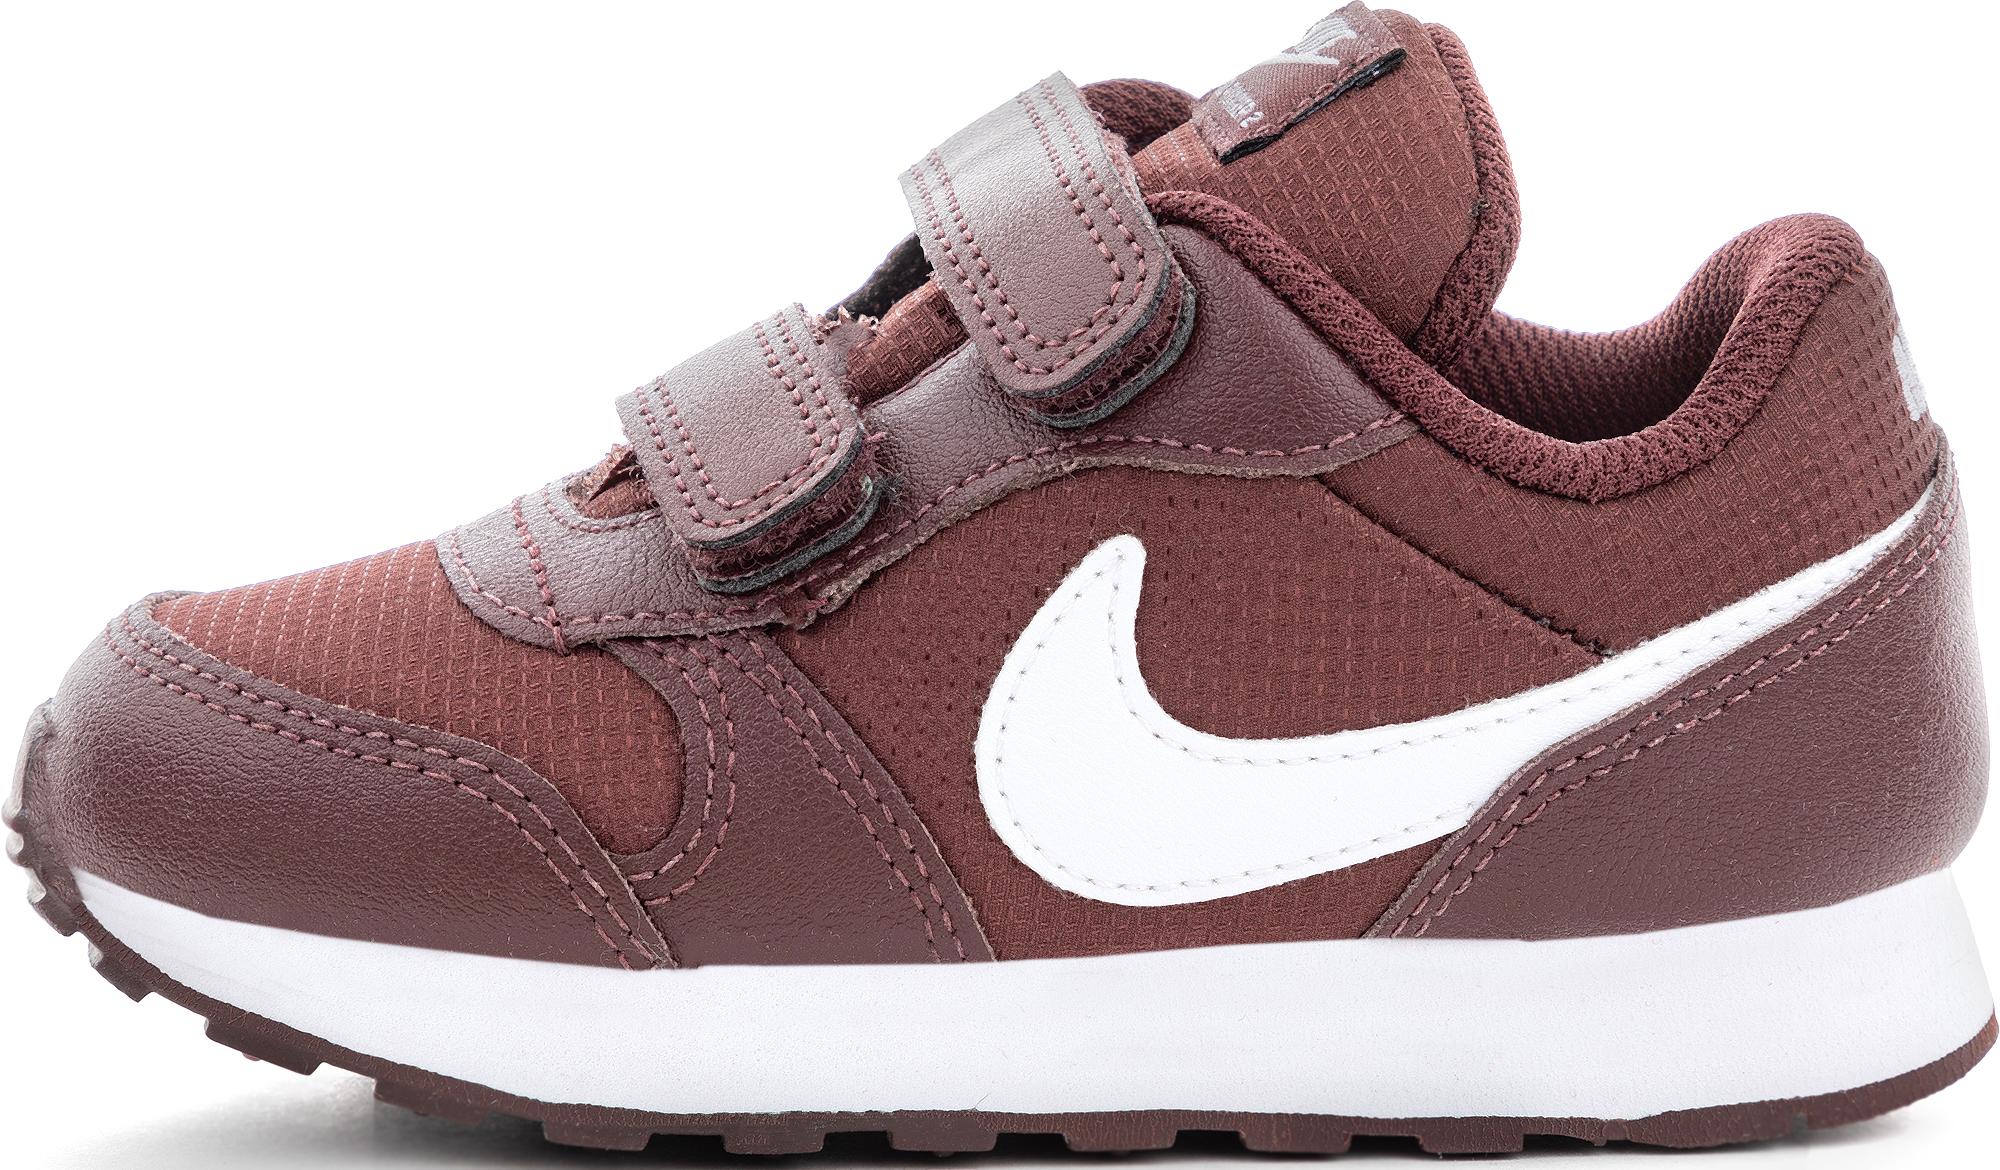 цена Nike Кроссовки детские Nike MD Runner, размер 26 онлайн в 2017 году